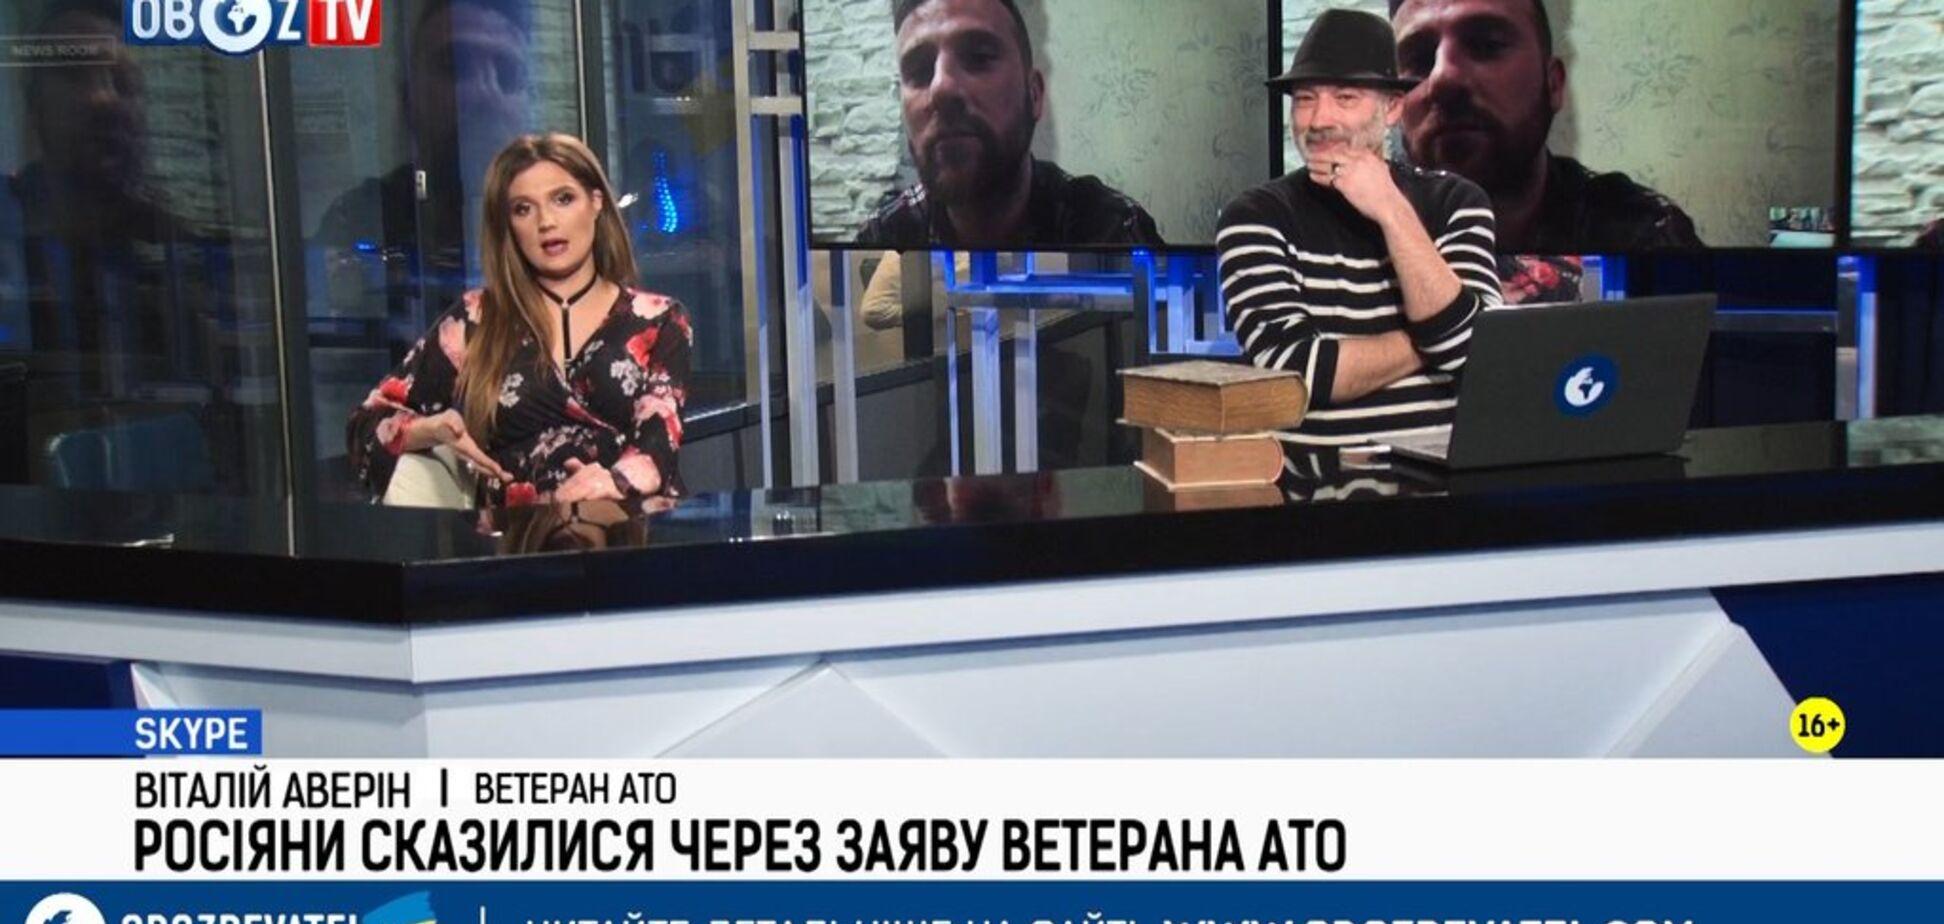 ''Буду воевать за Украину'' – ветеран АТО ответил на нападки российских пропагандистов